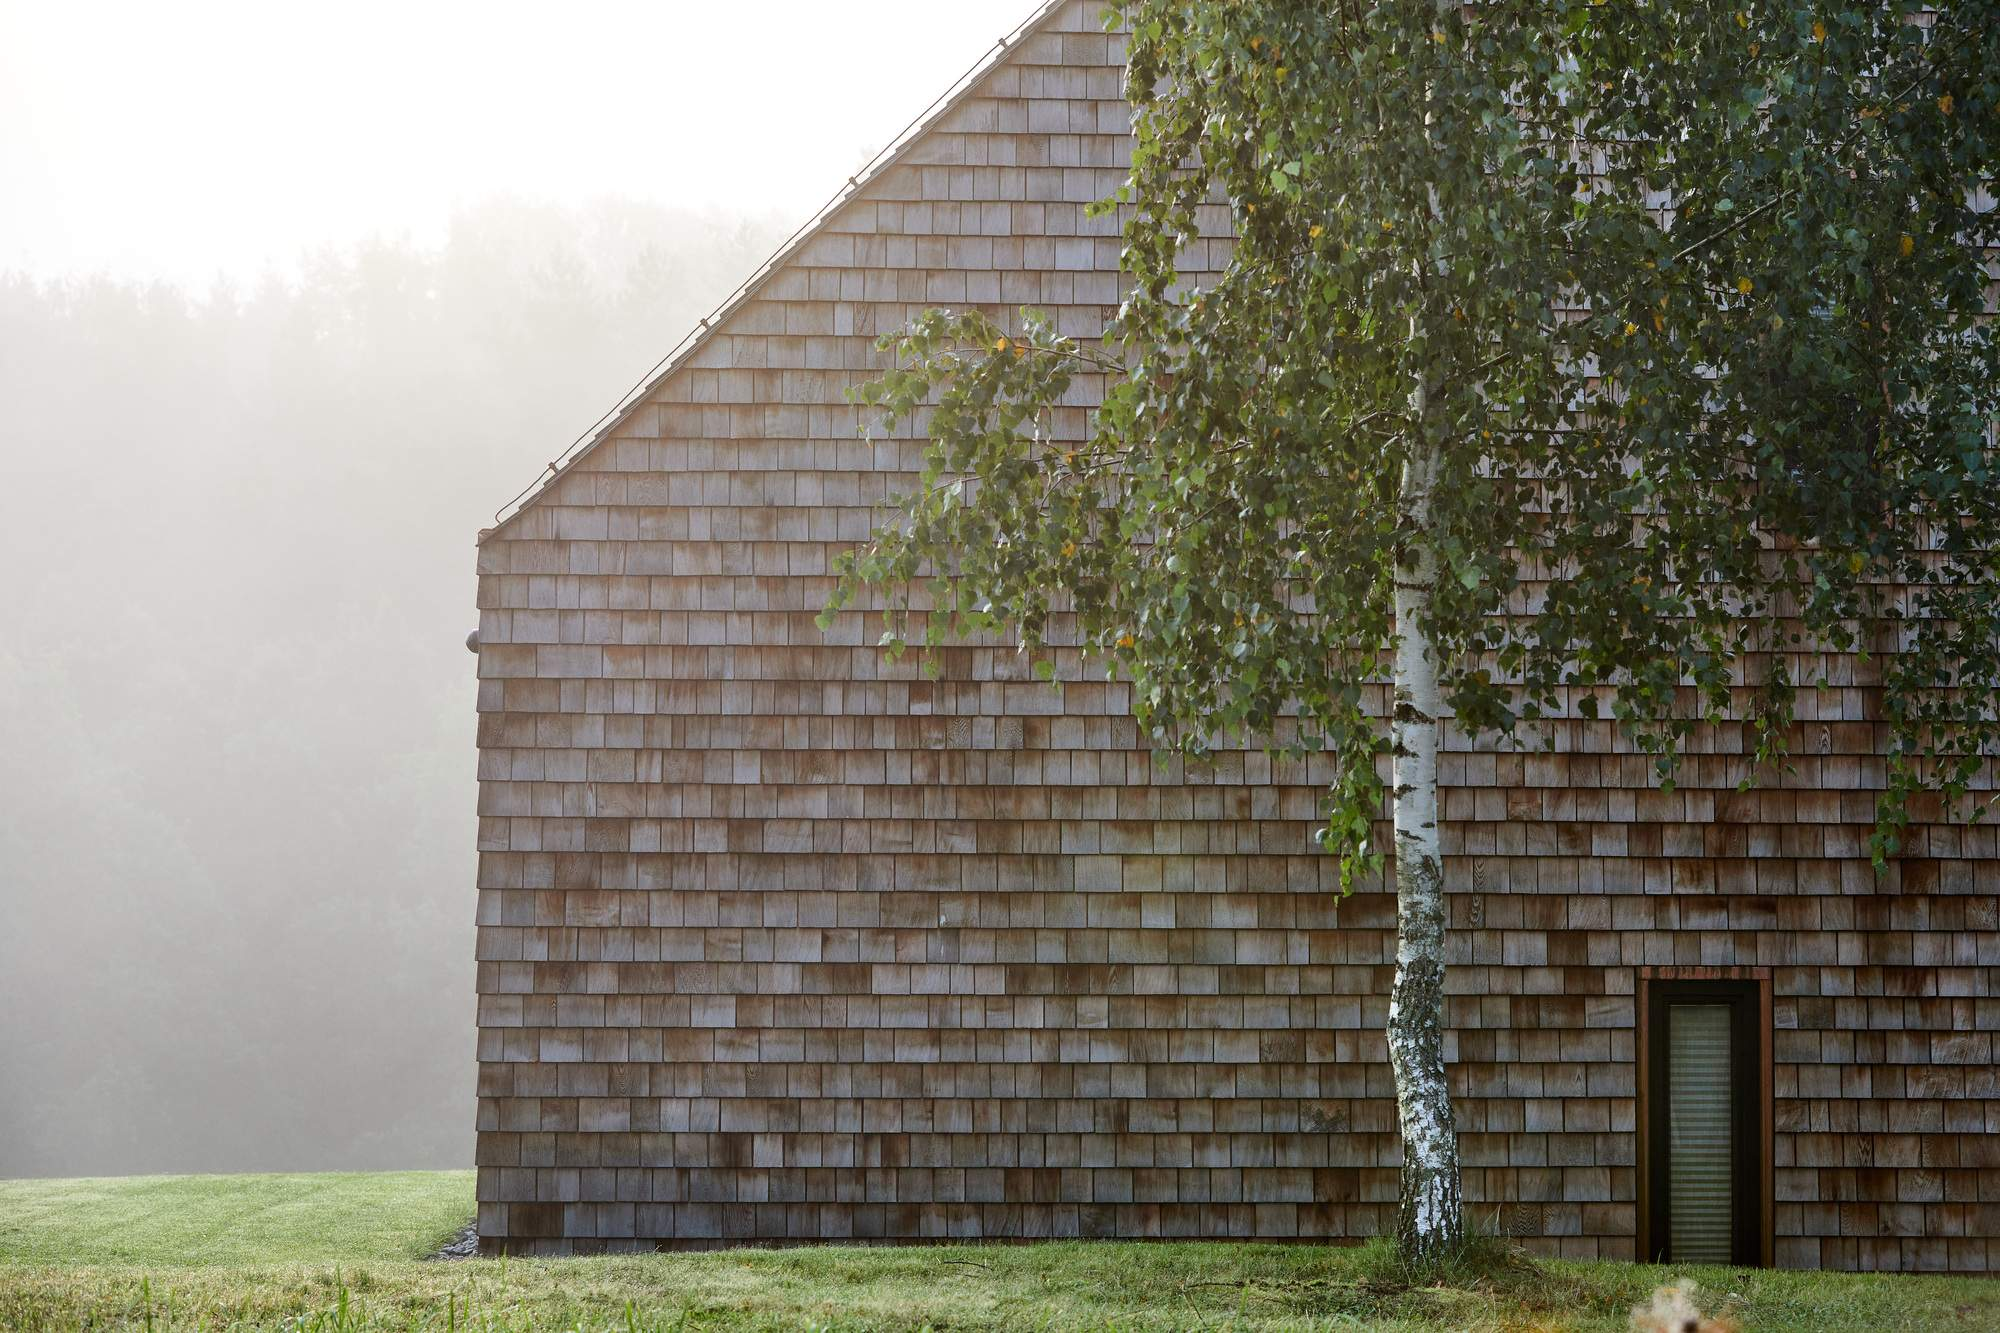 Загородный дом с амбаром в облицовке кедровой черепицей, Литва